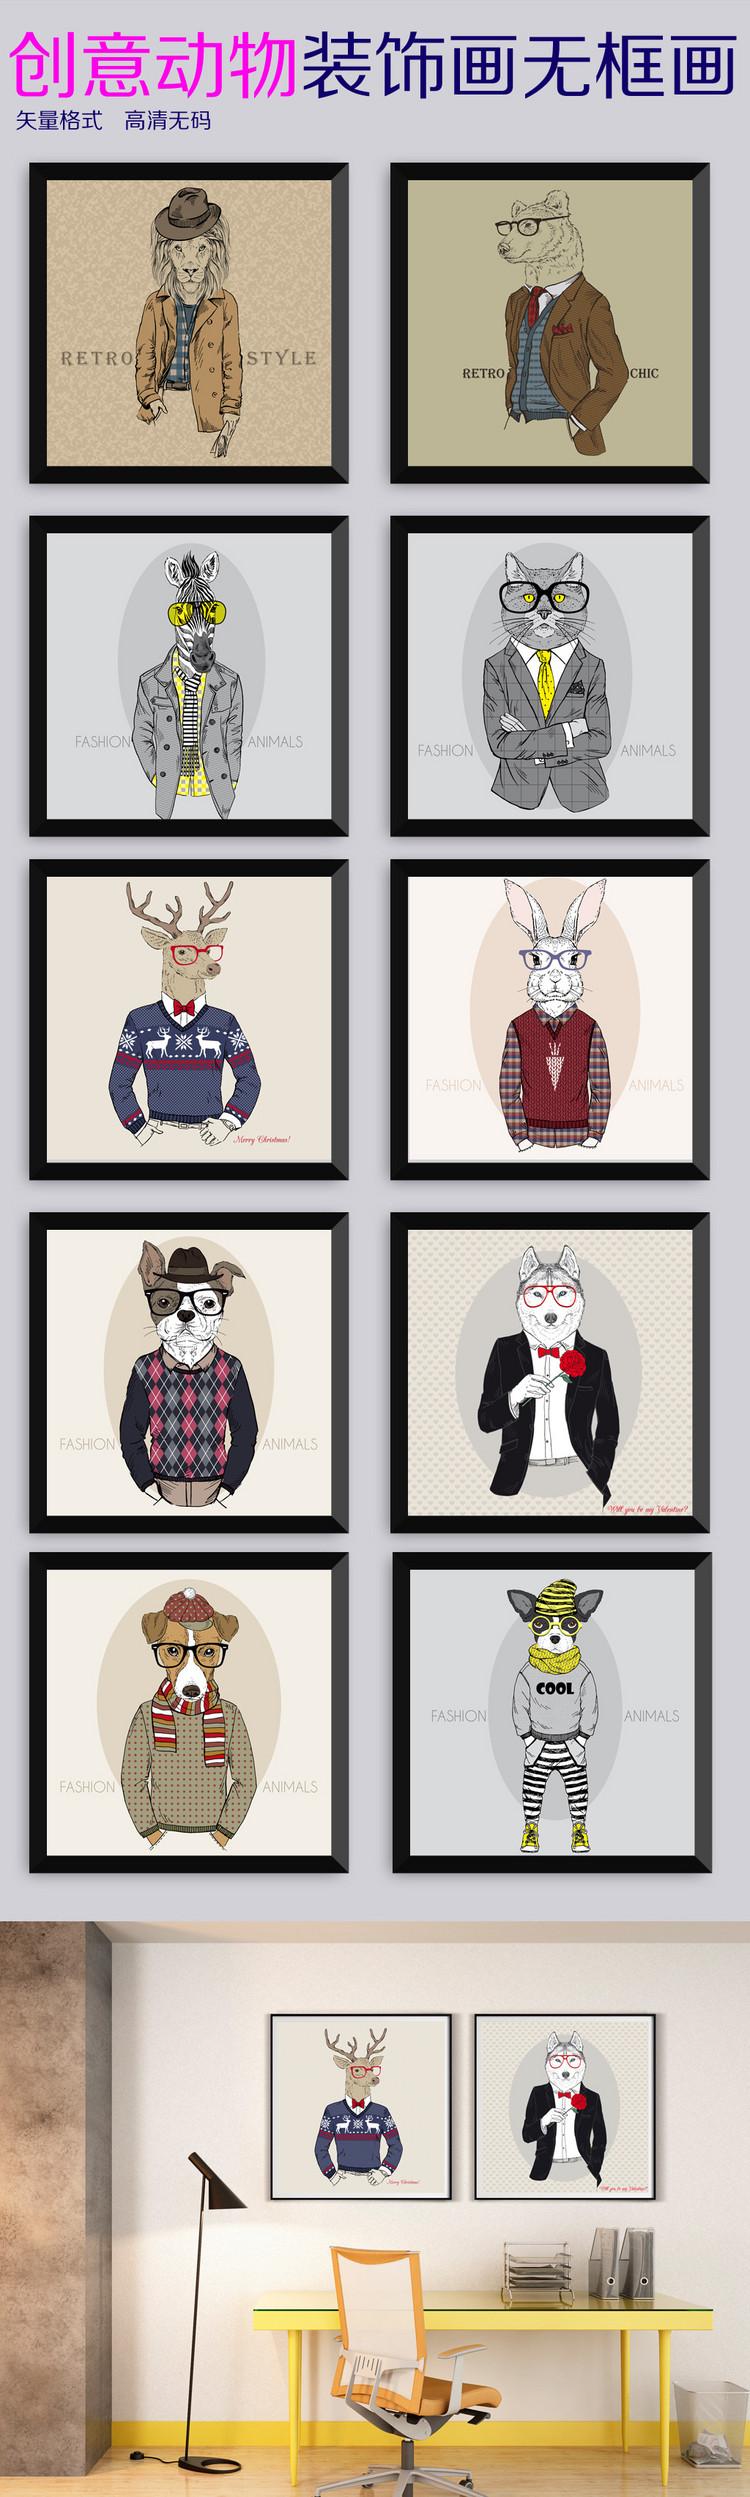 北欧简约美克美家时尚抽象动物清新装饰画